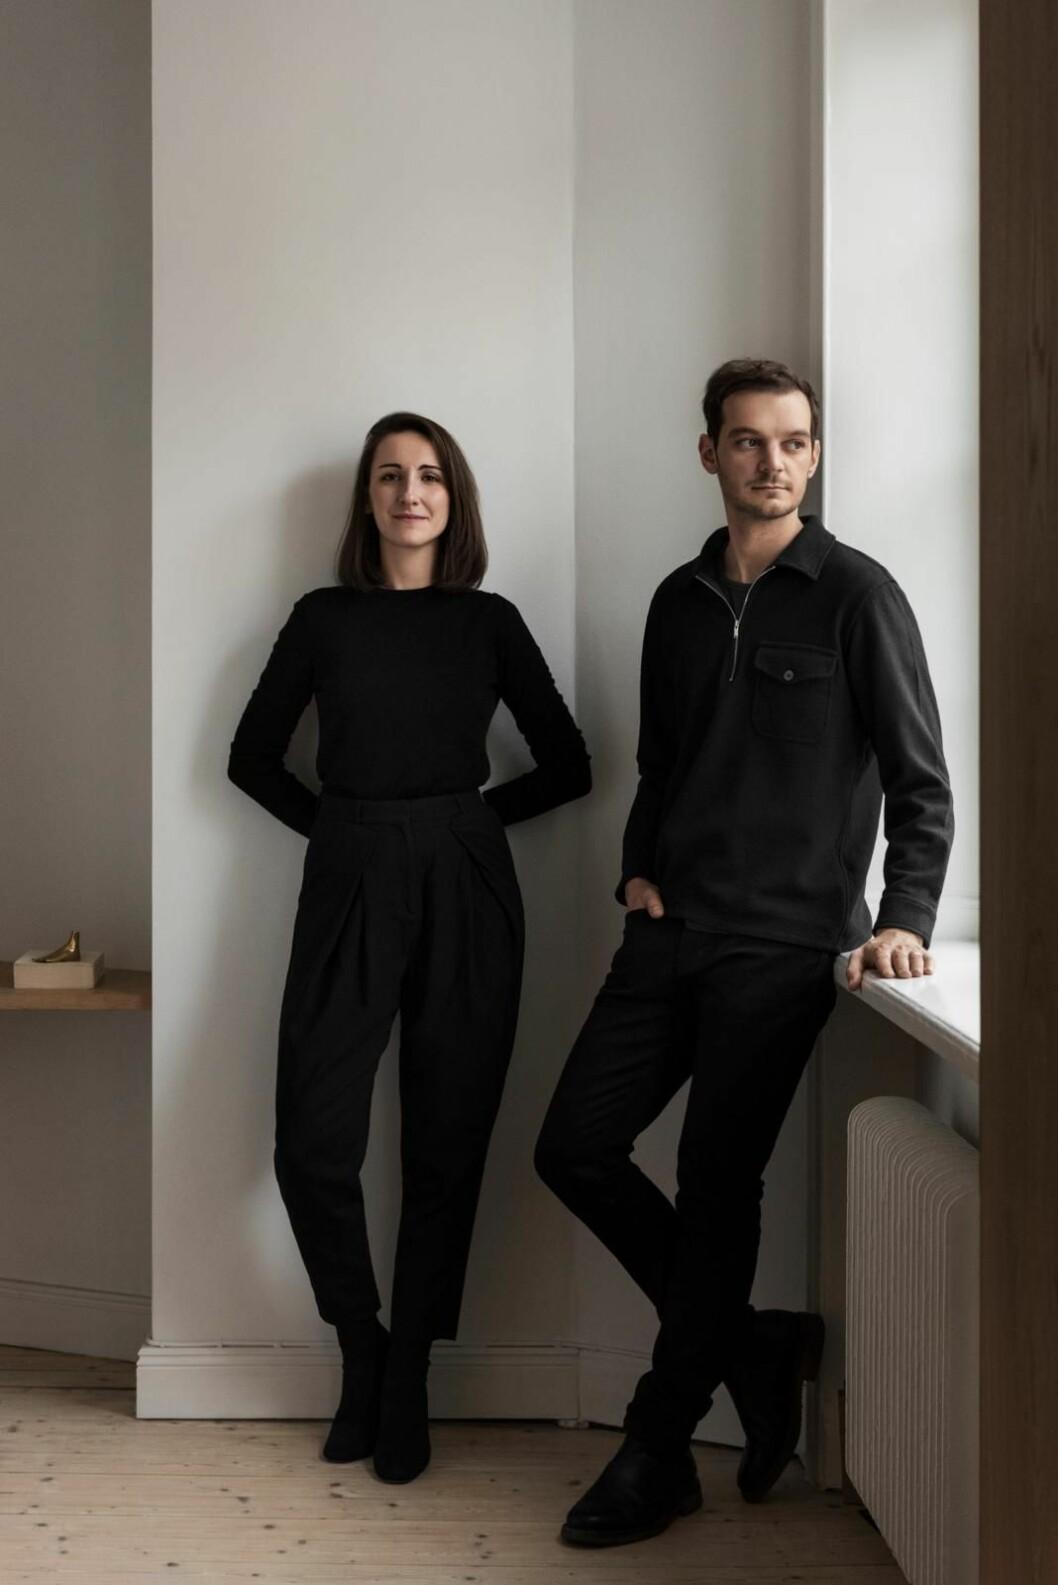 Paul och Anne Vaugoyeau